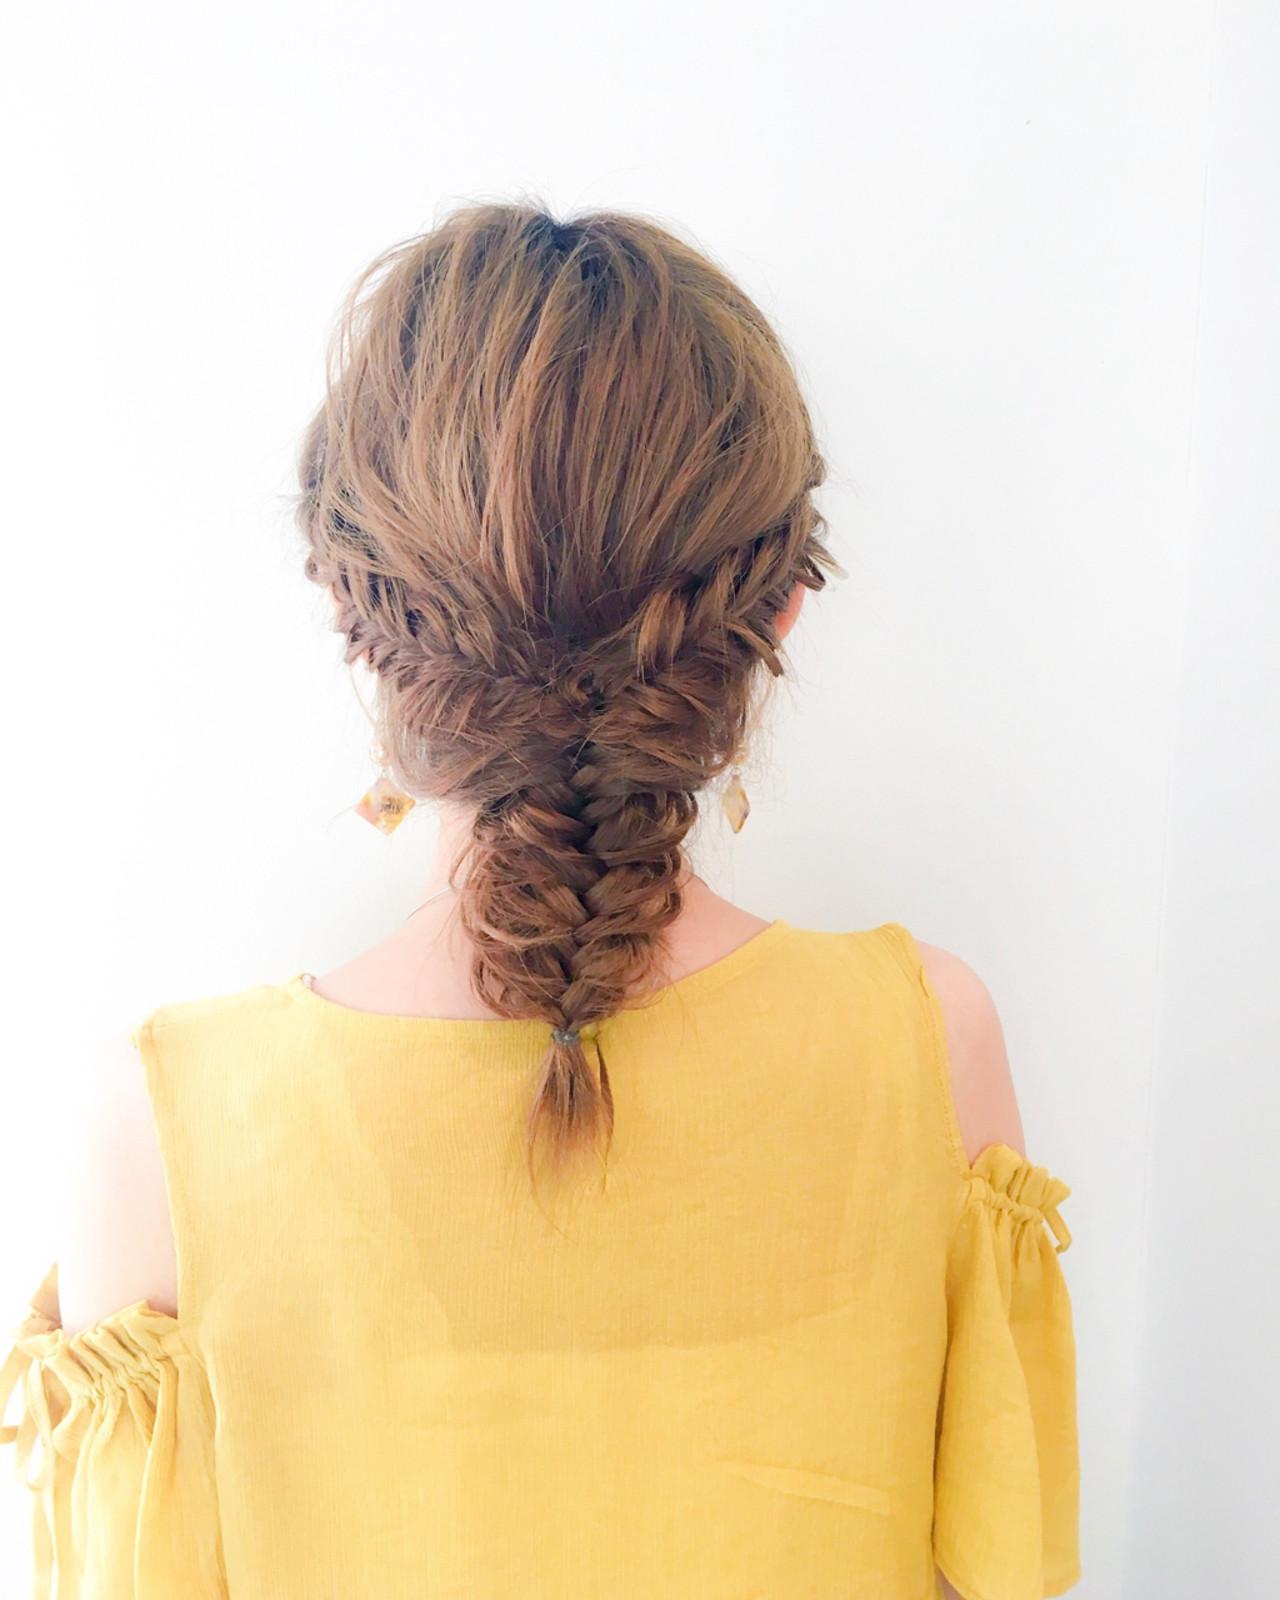 ルーズ デート ナチュラル ヘアアレンジ ヘアスタイルや髪型の写真・画像 | 美容師HIRO/Amoute代表 / Amoute/アムティ